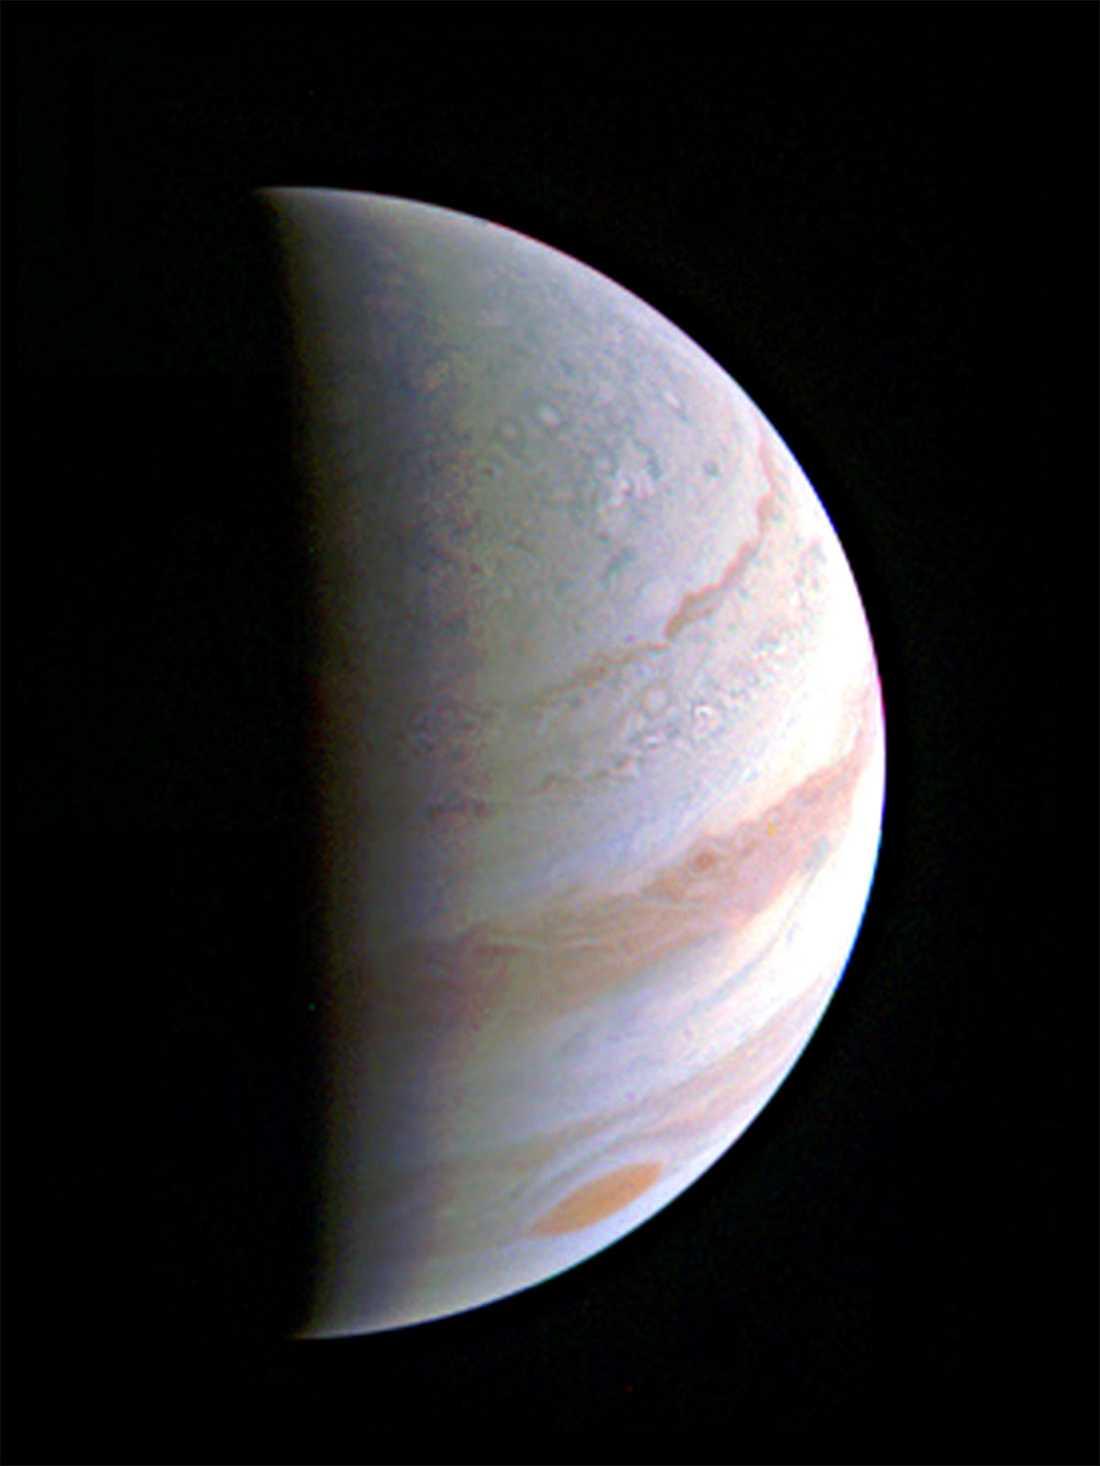 Gasjätten Jupiter, den femte planeten från solen.